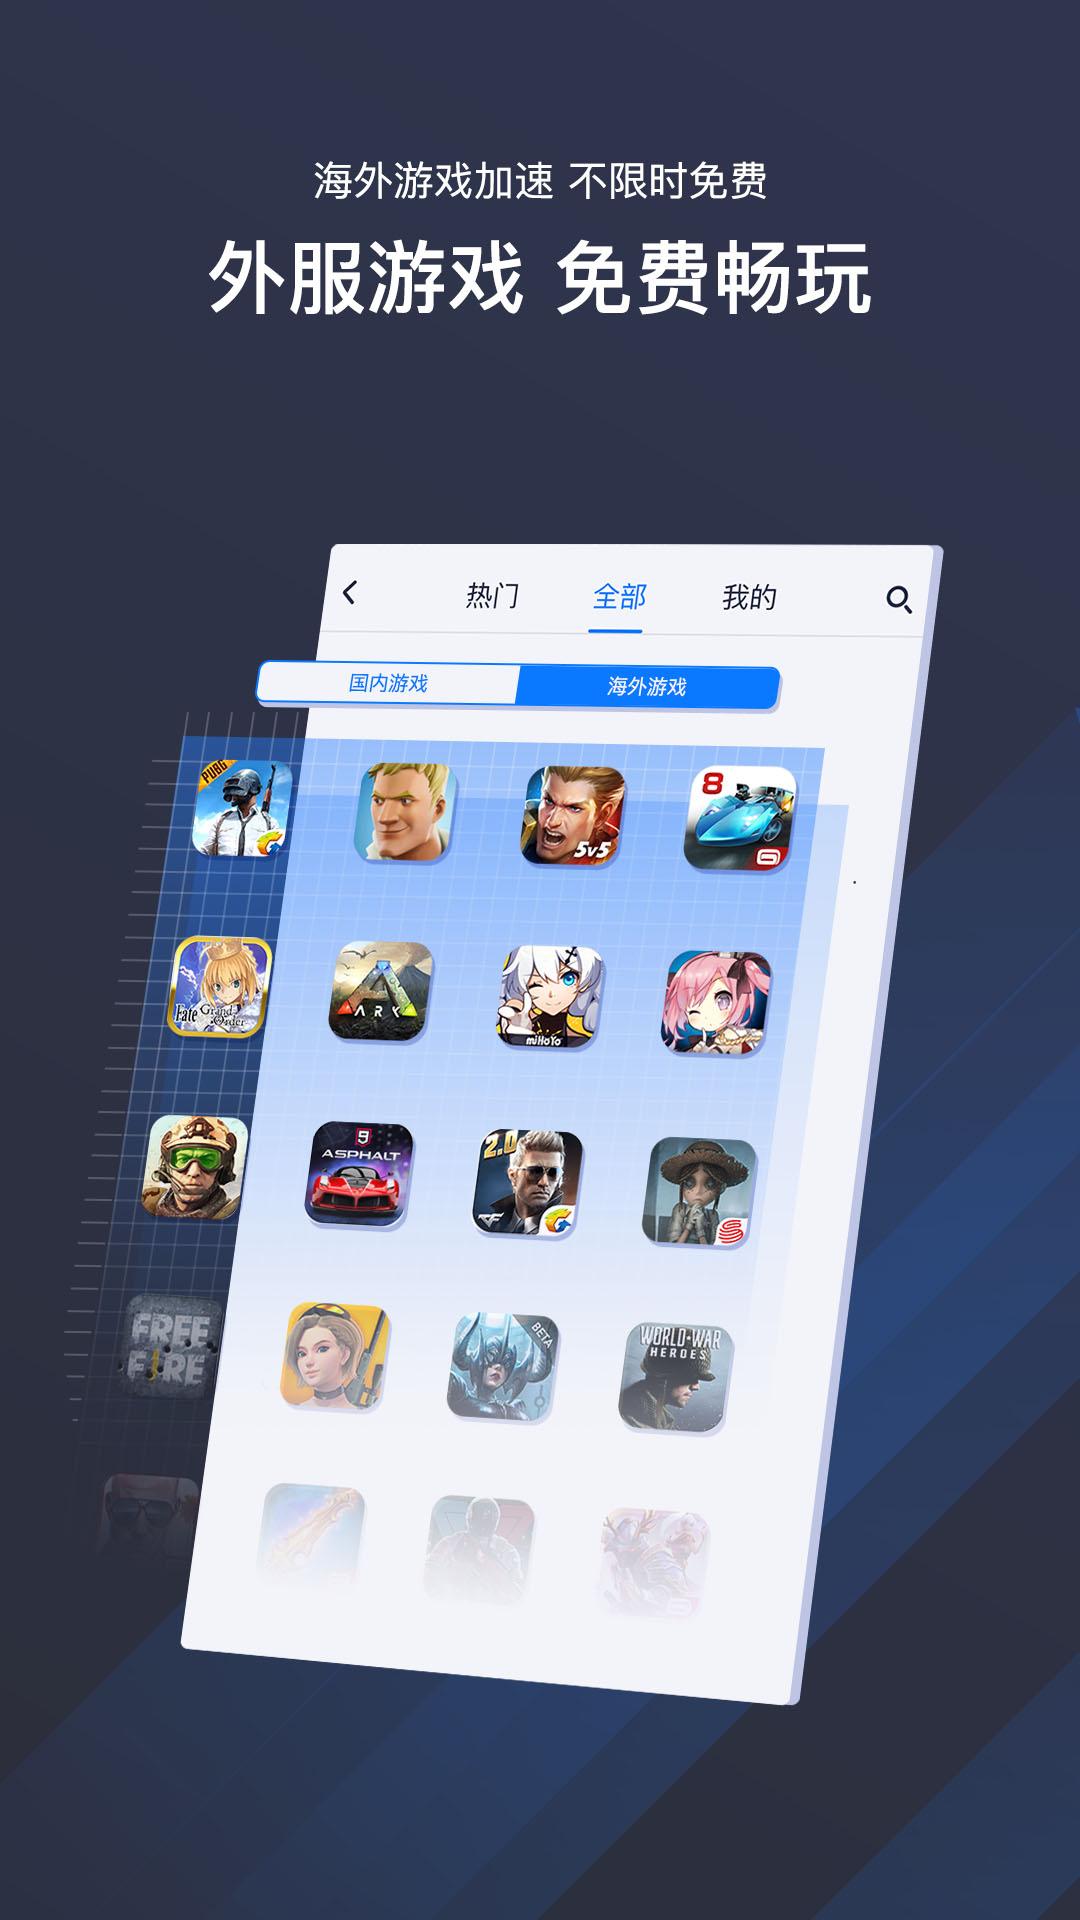 迅游手游加速器 V5.0.0.0 安卓VIP版截图2